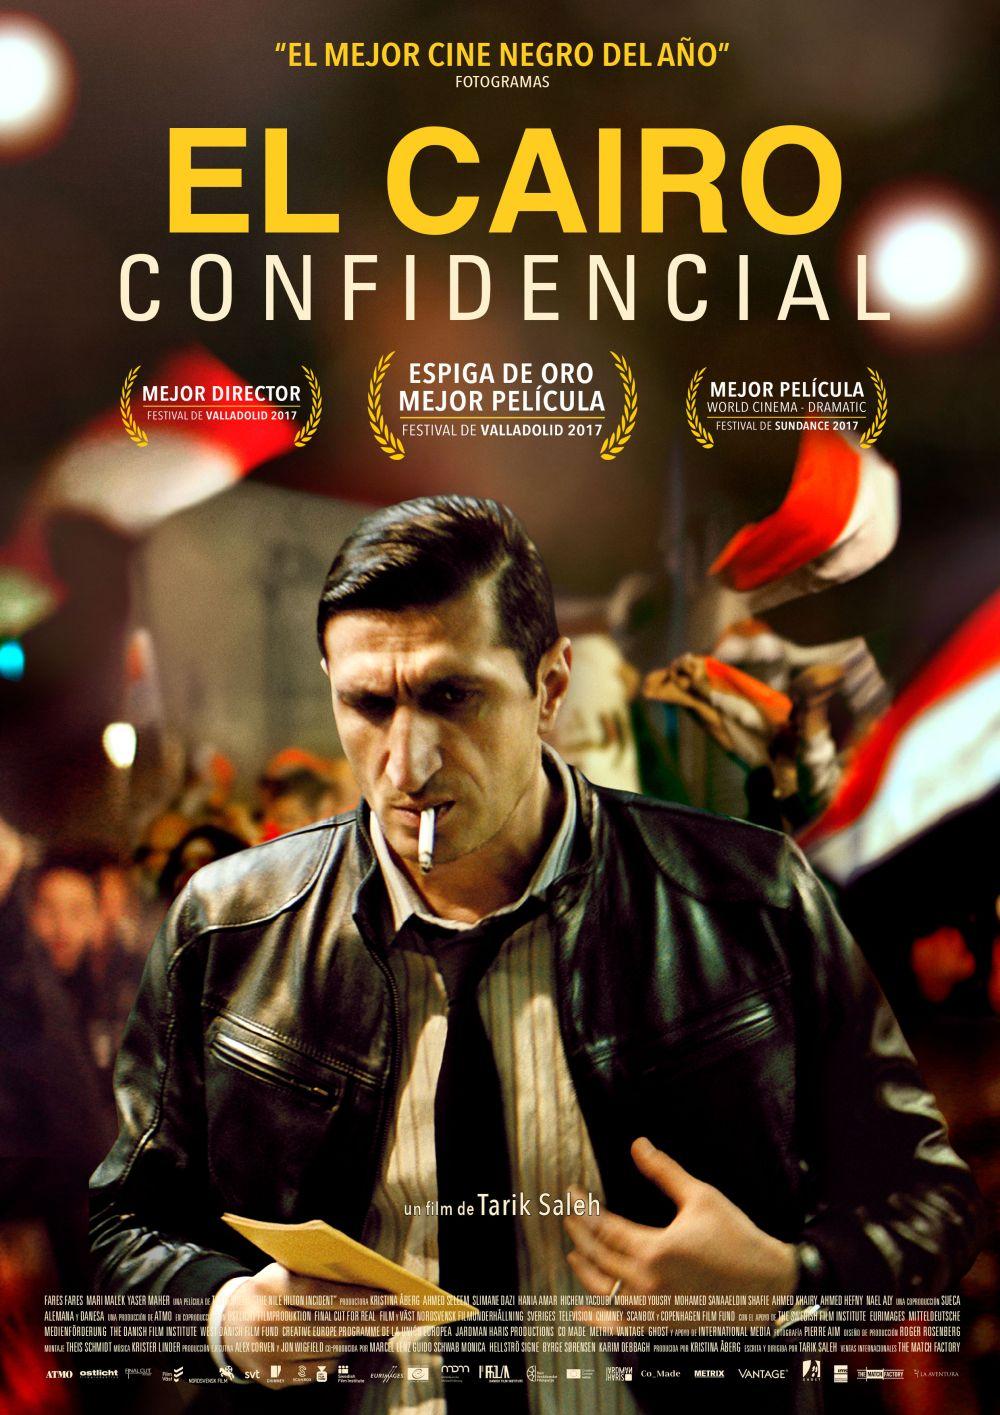 El cairo confidencial pelicula cineol for Cines verdi cartelera